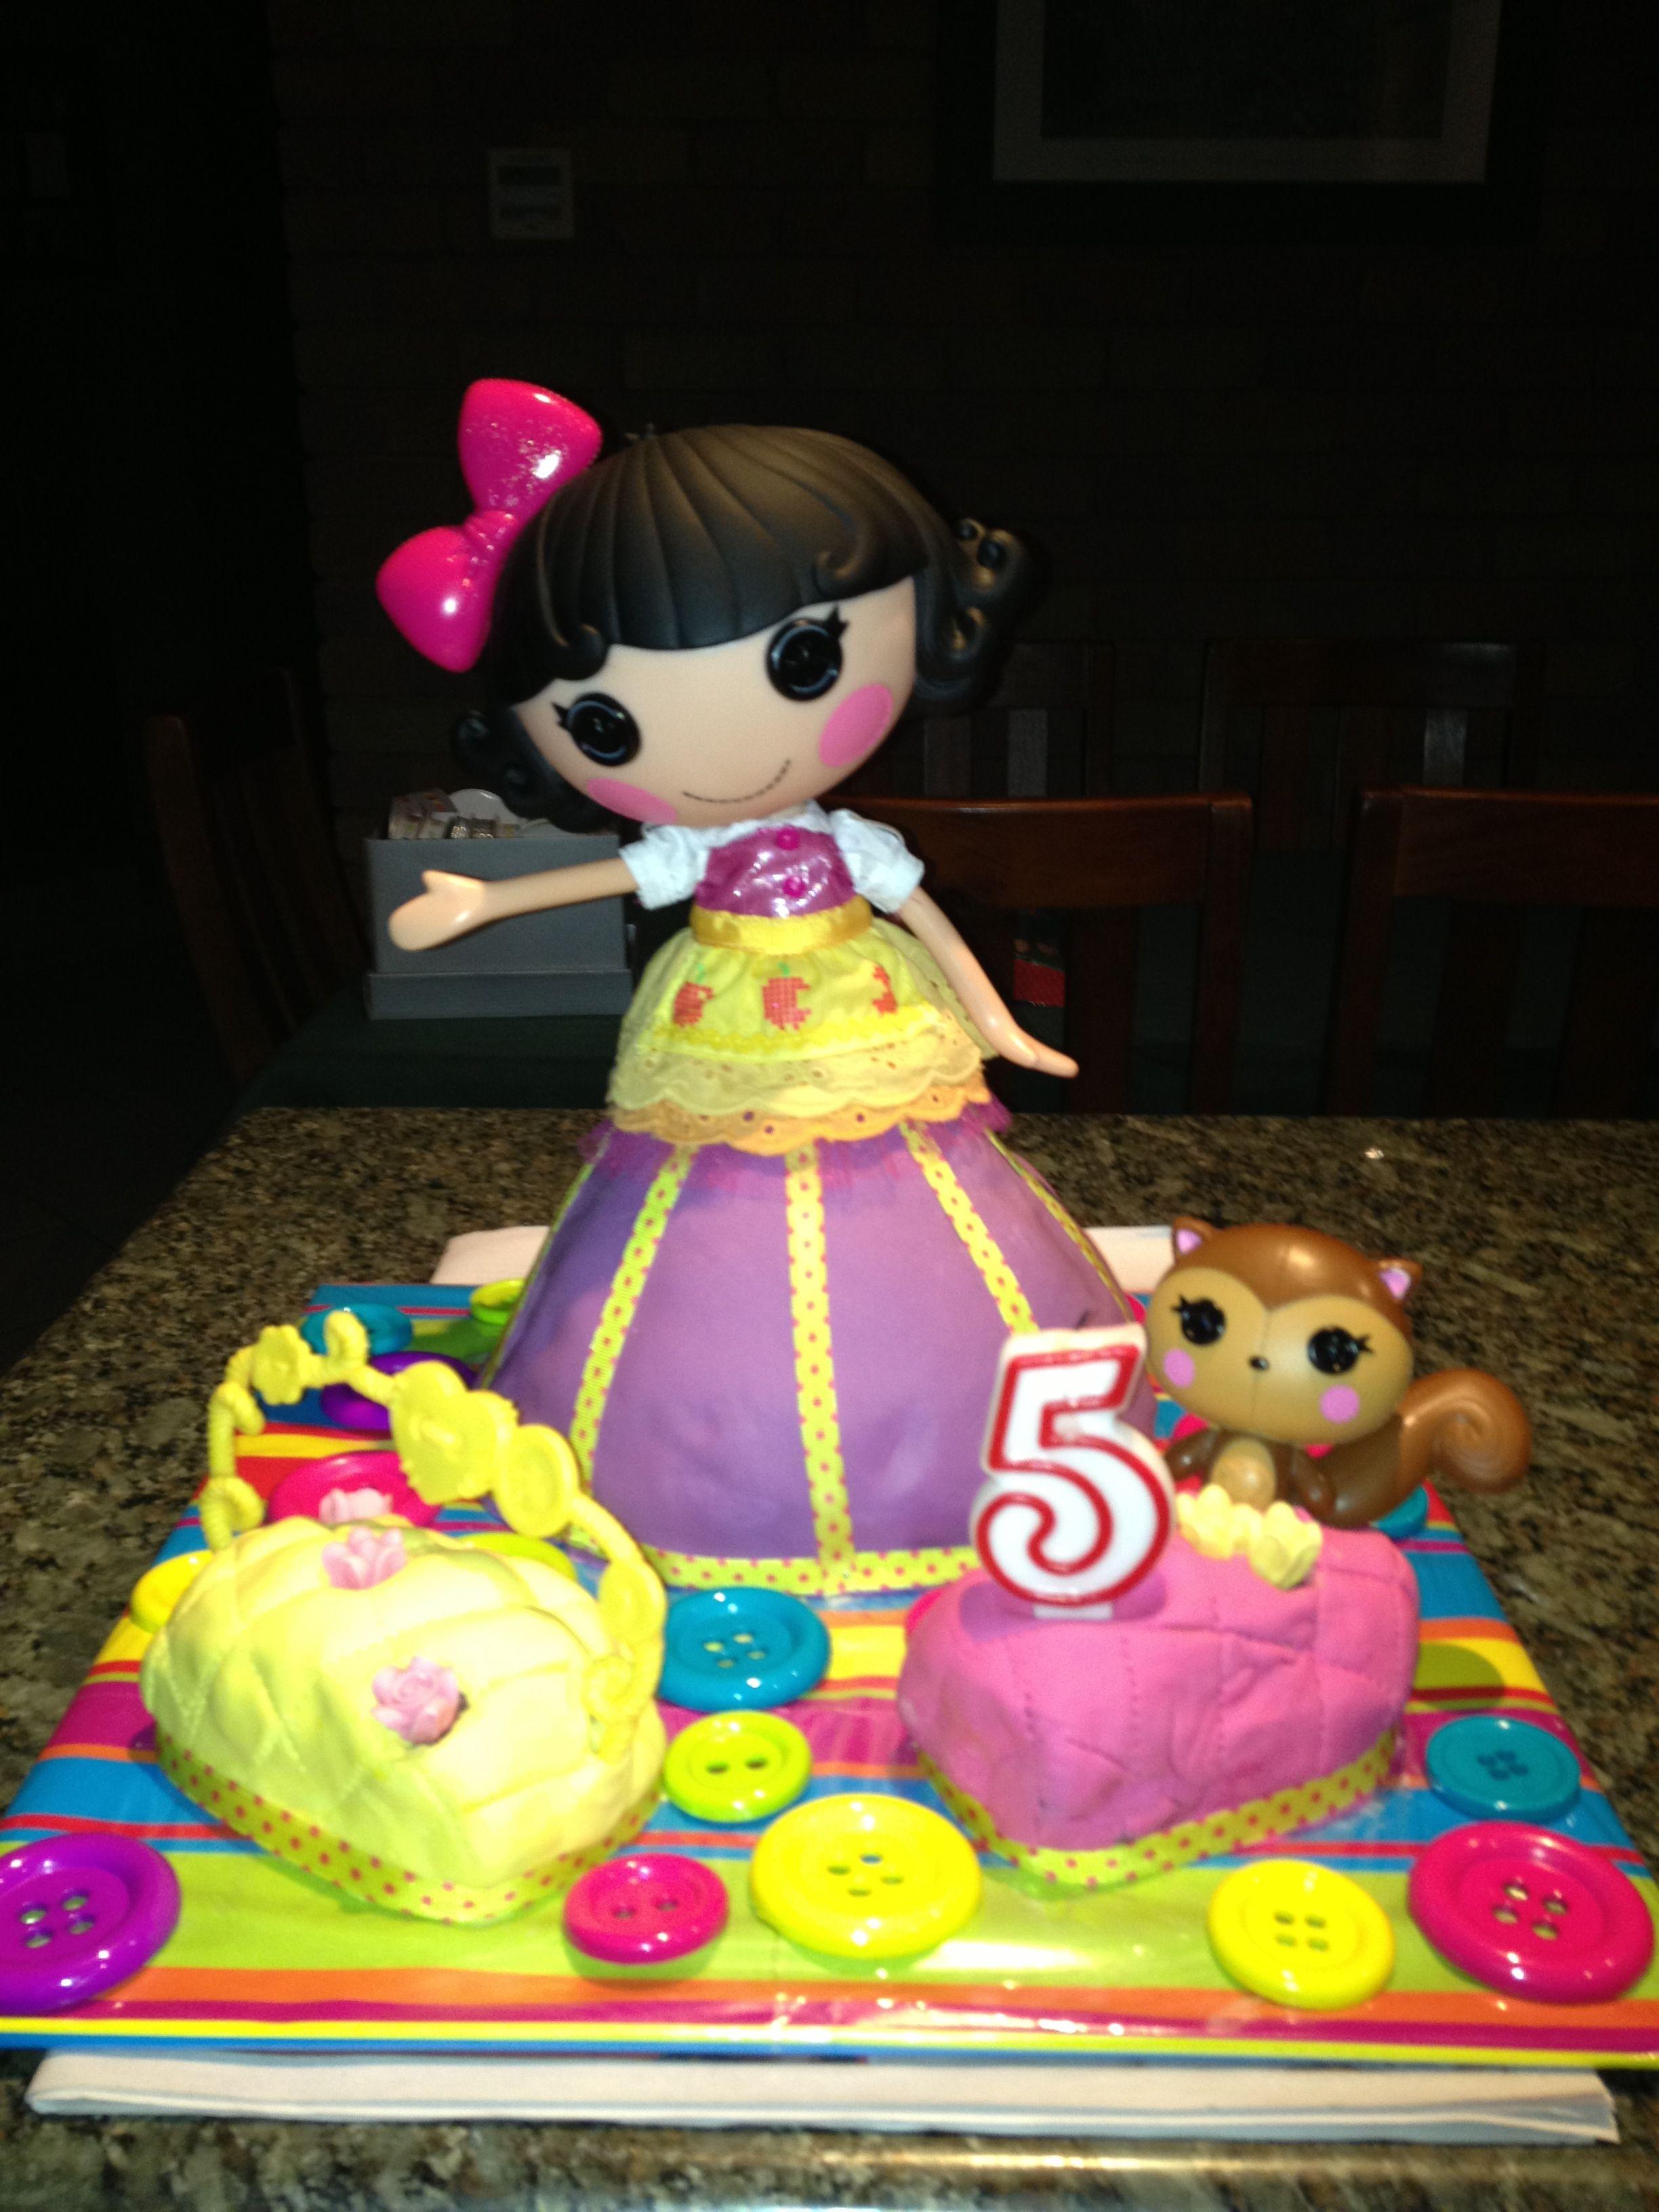 Lalaloopsy Dolly Varden Cake